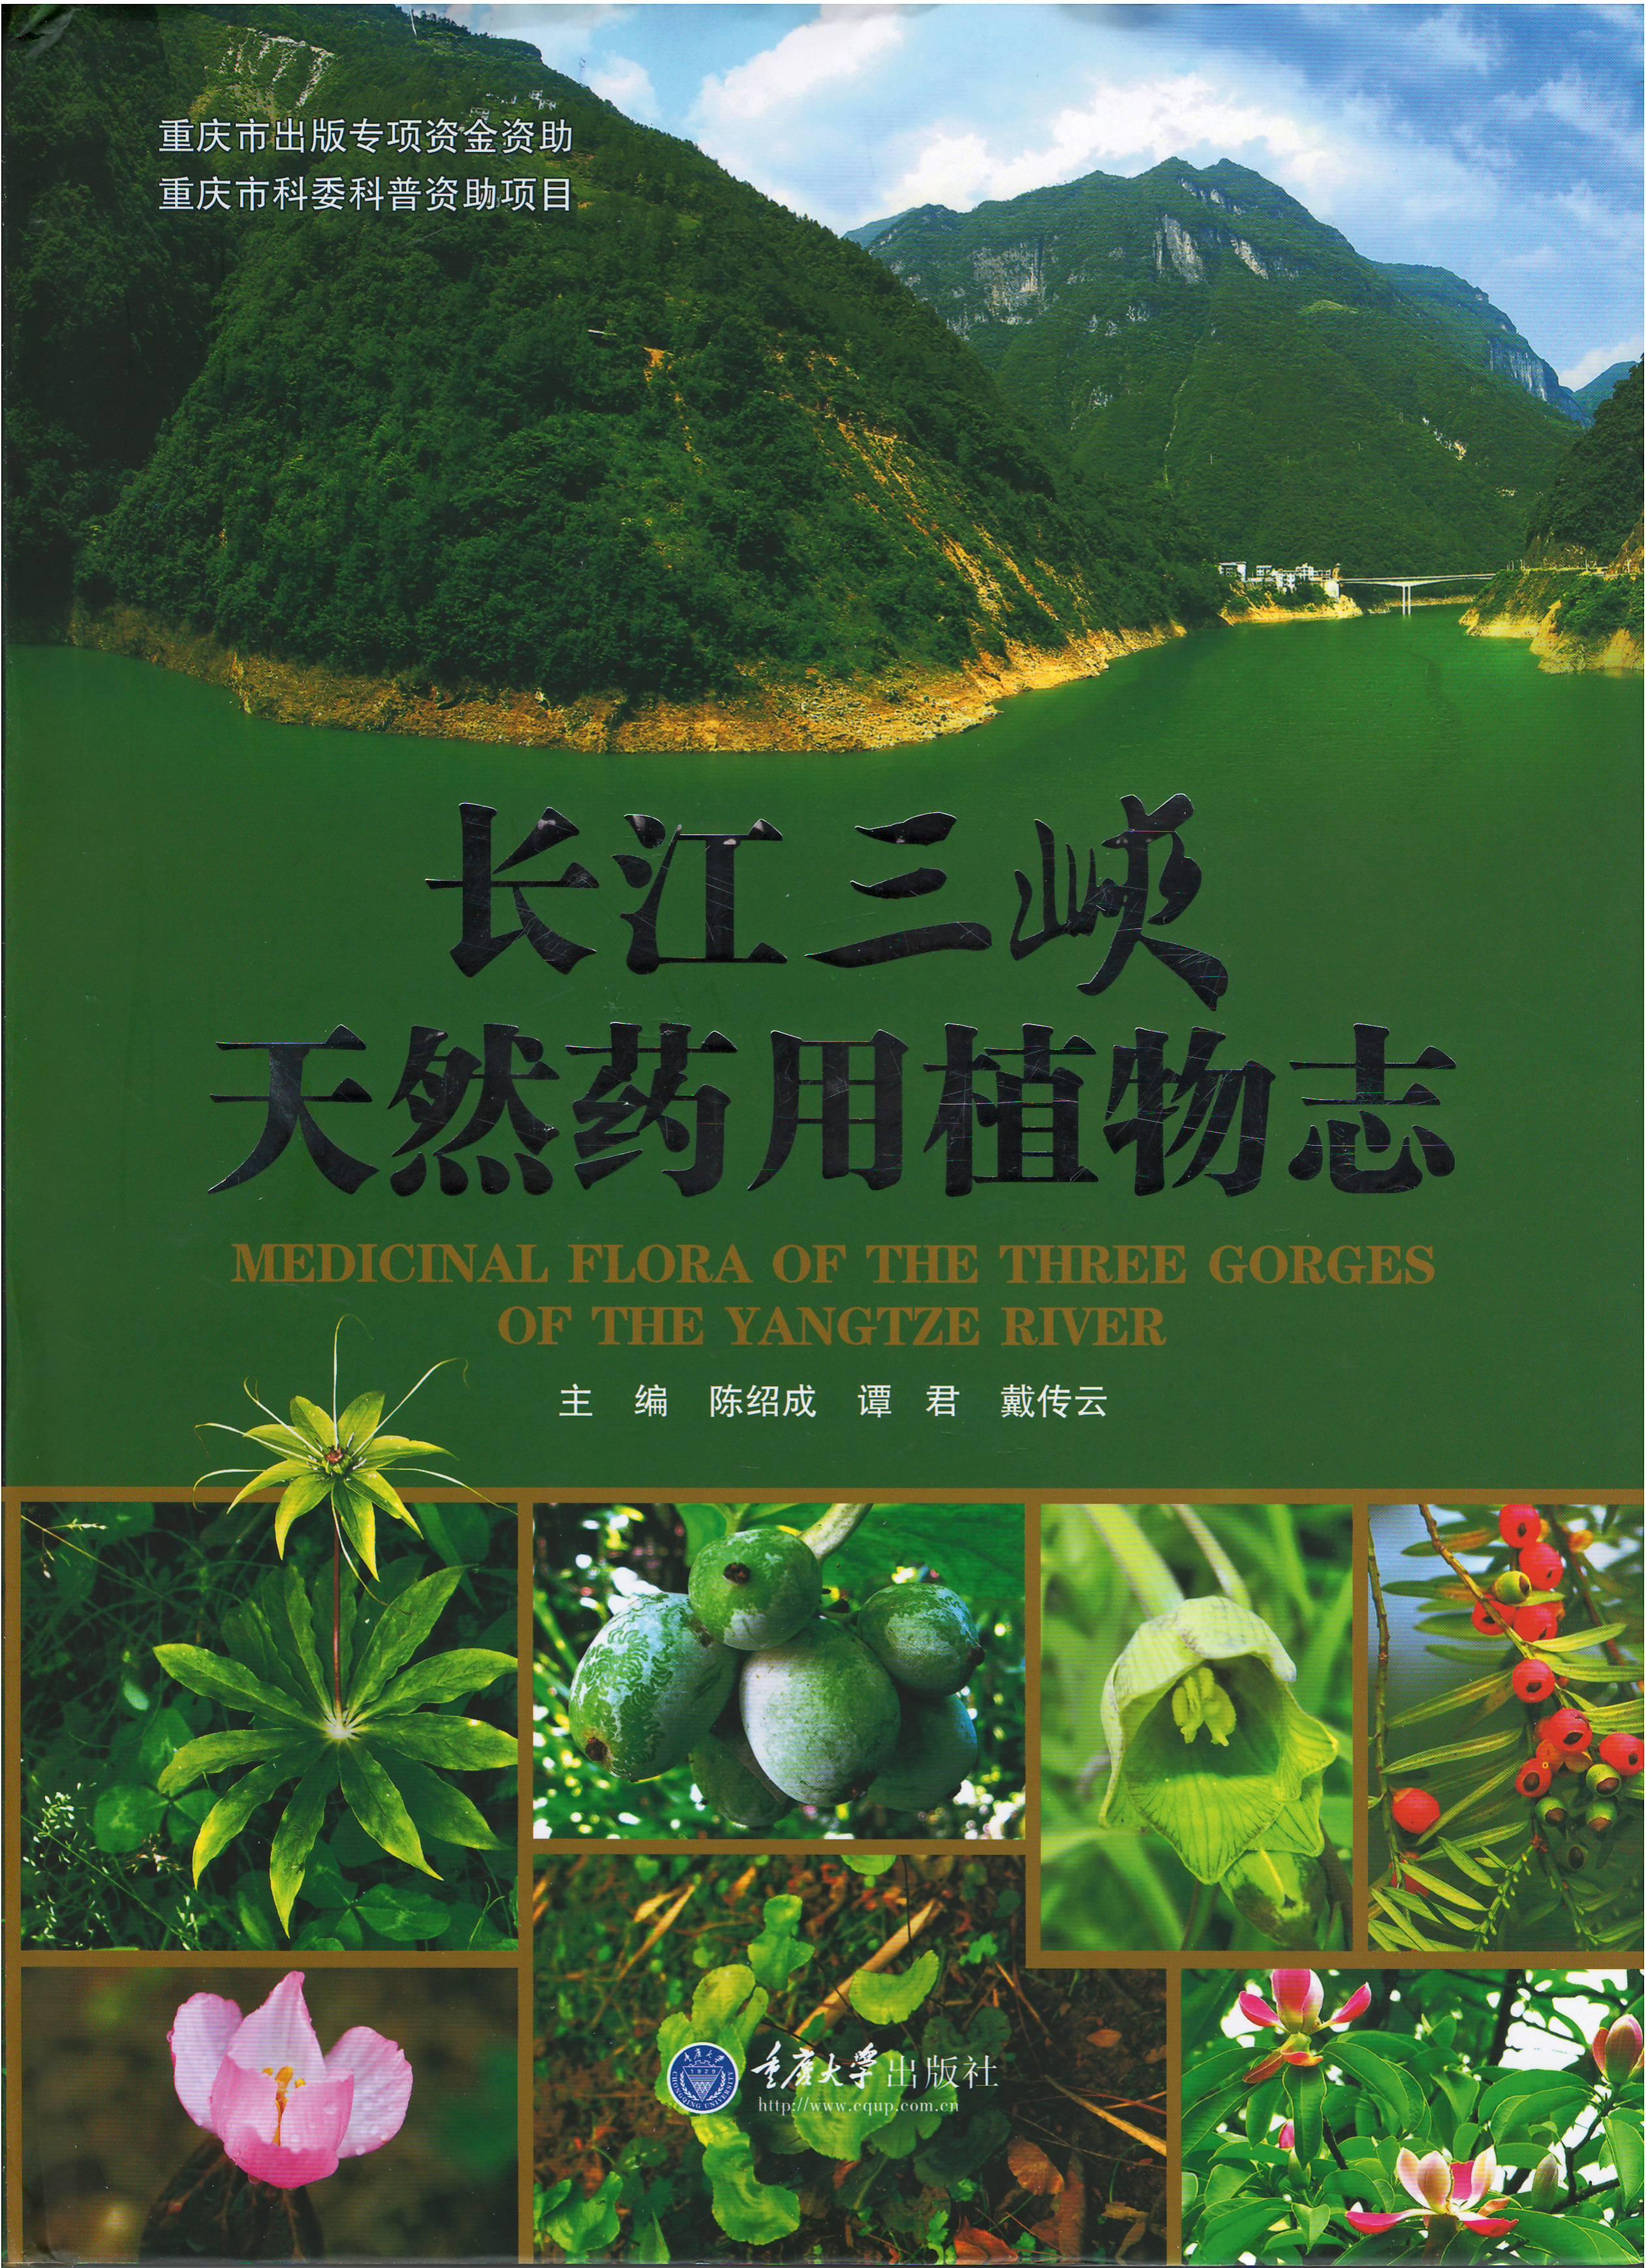 長江三峡天然薬用植物誌